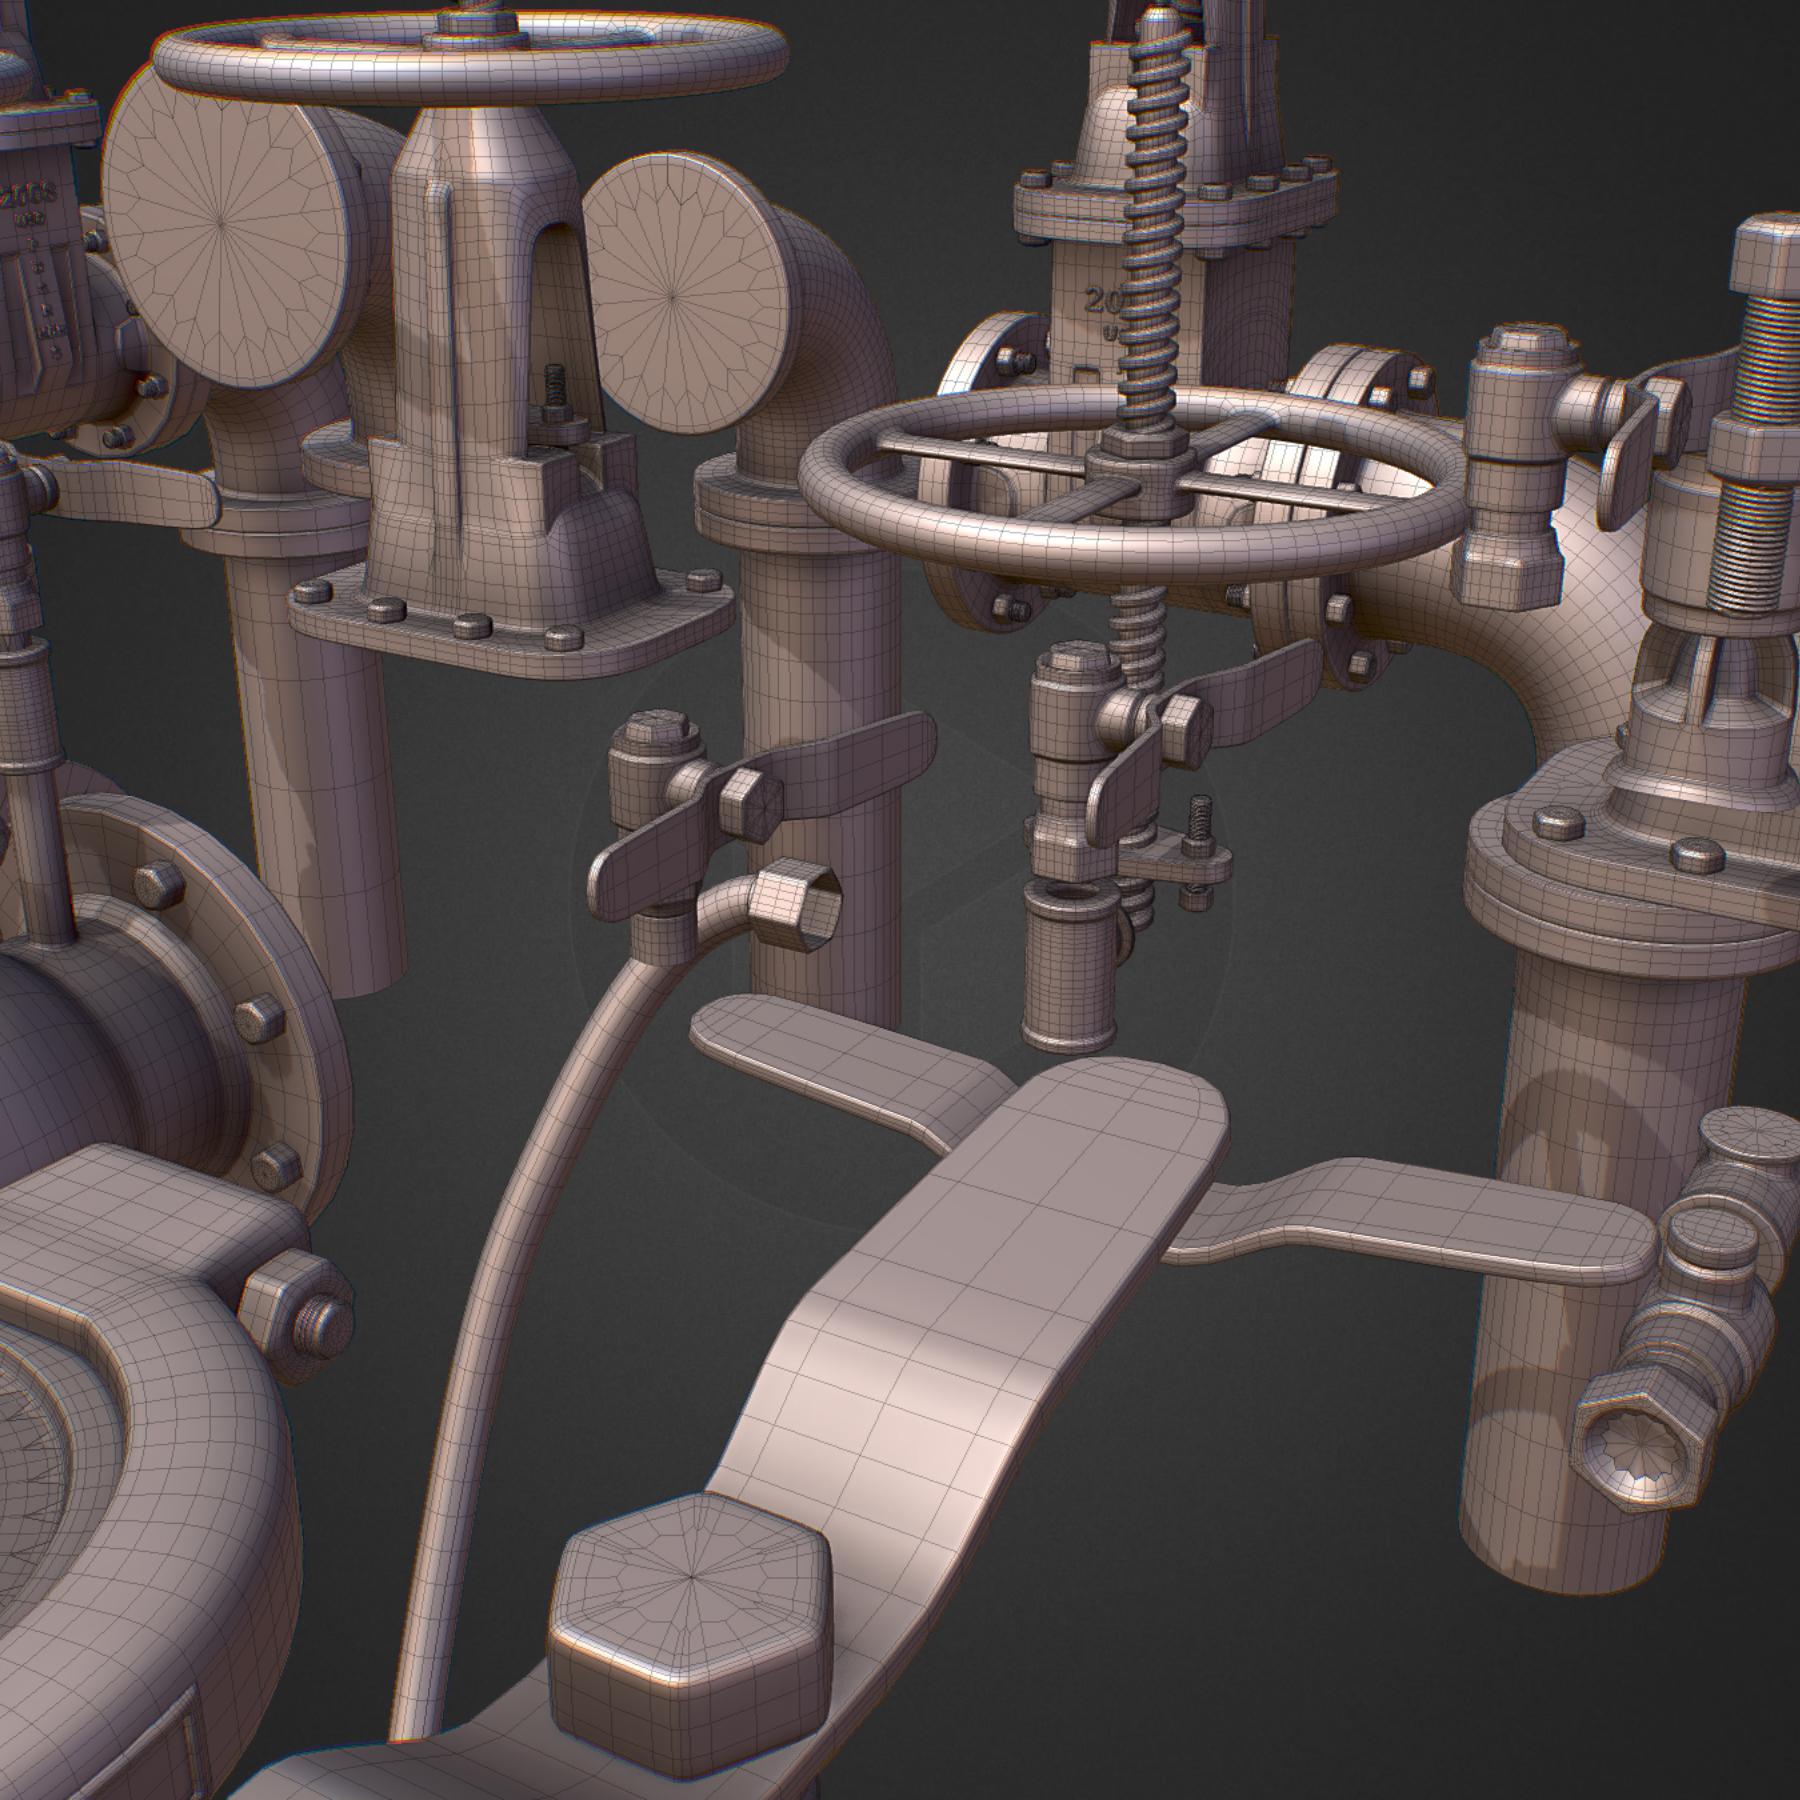 hola poli subdivisió constructor de canonada de flux 3d model max fbx ma mb obj 272521